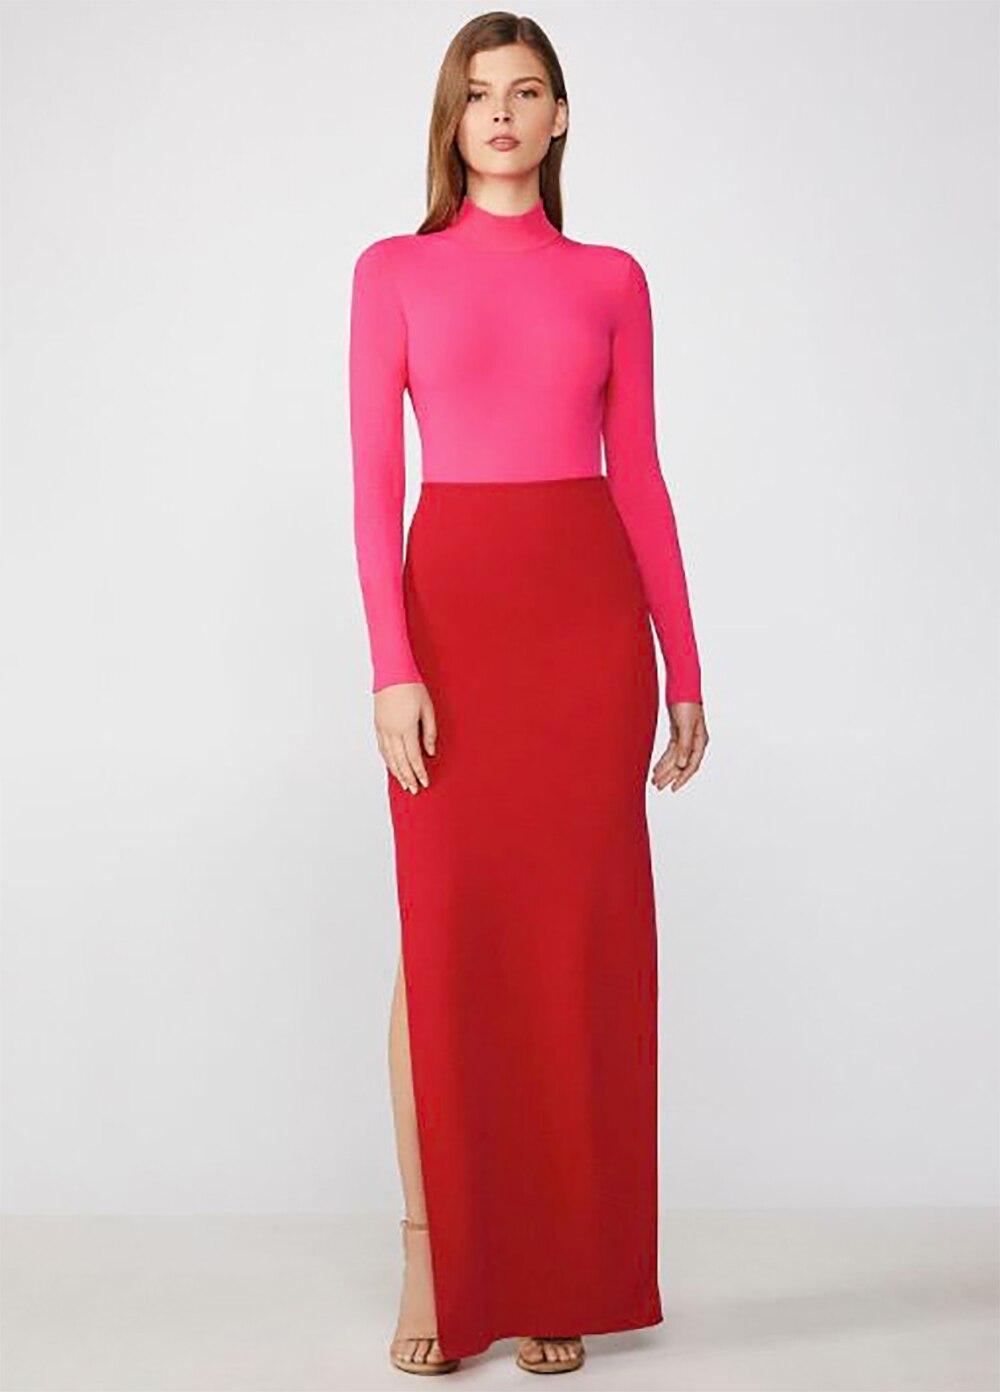 Lyer 2019 nouveau haut rose frappe la robe rouge sexy serré maison décontracté pansement robe de soirée